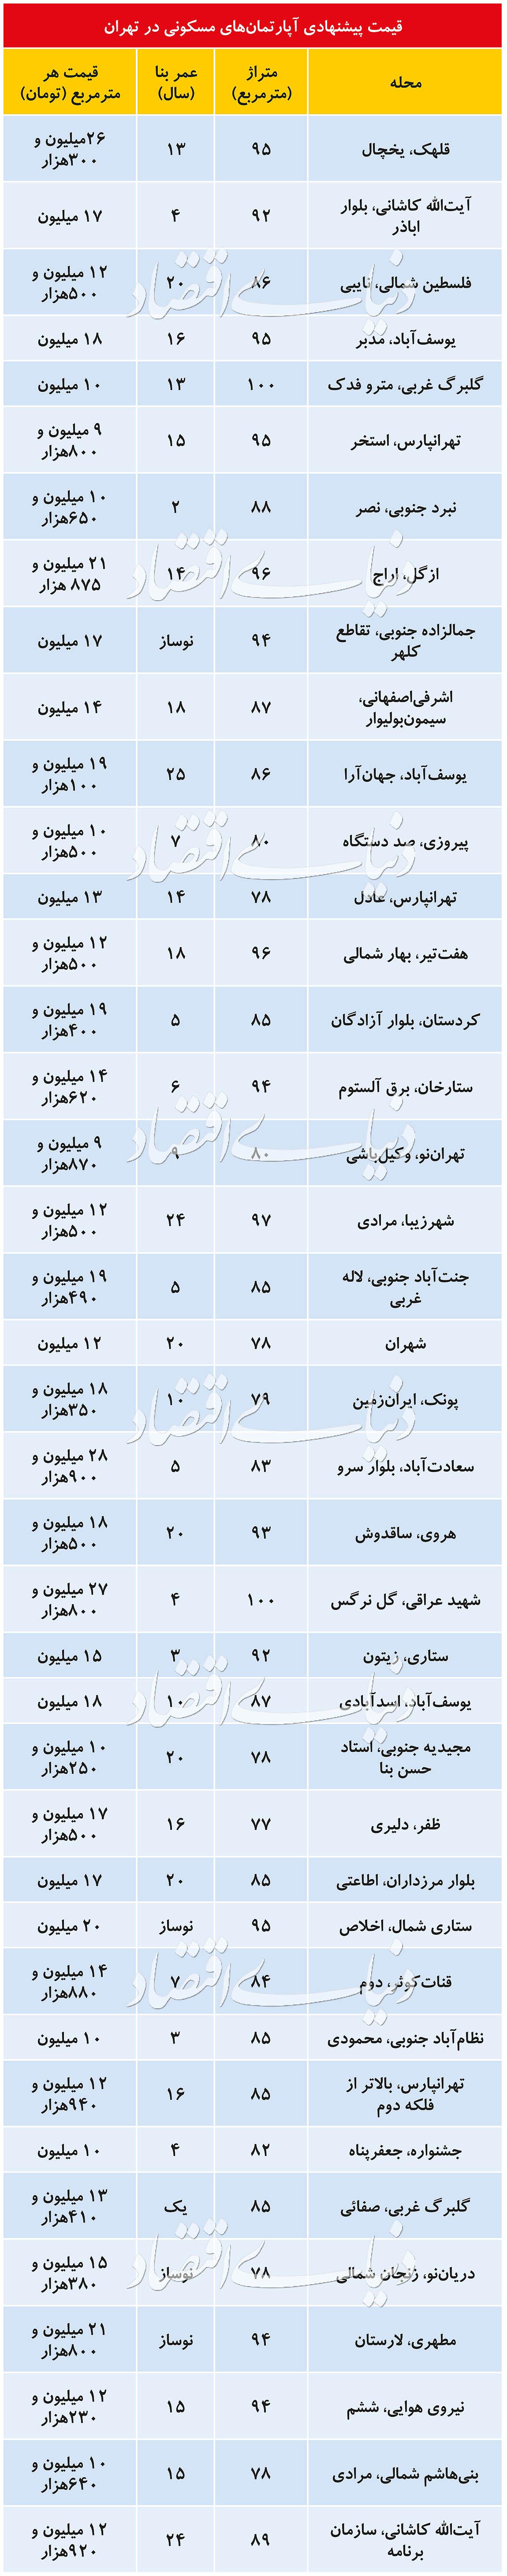 قیمت آپارتمانهای مسکونی در تهران